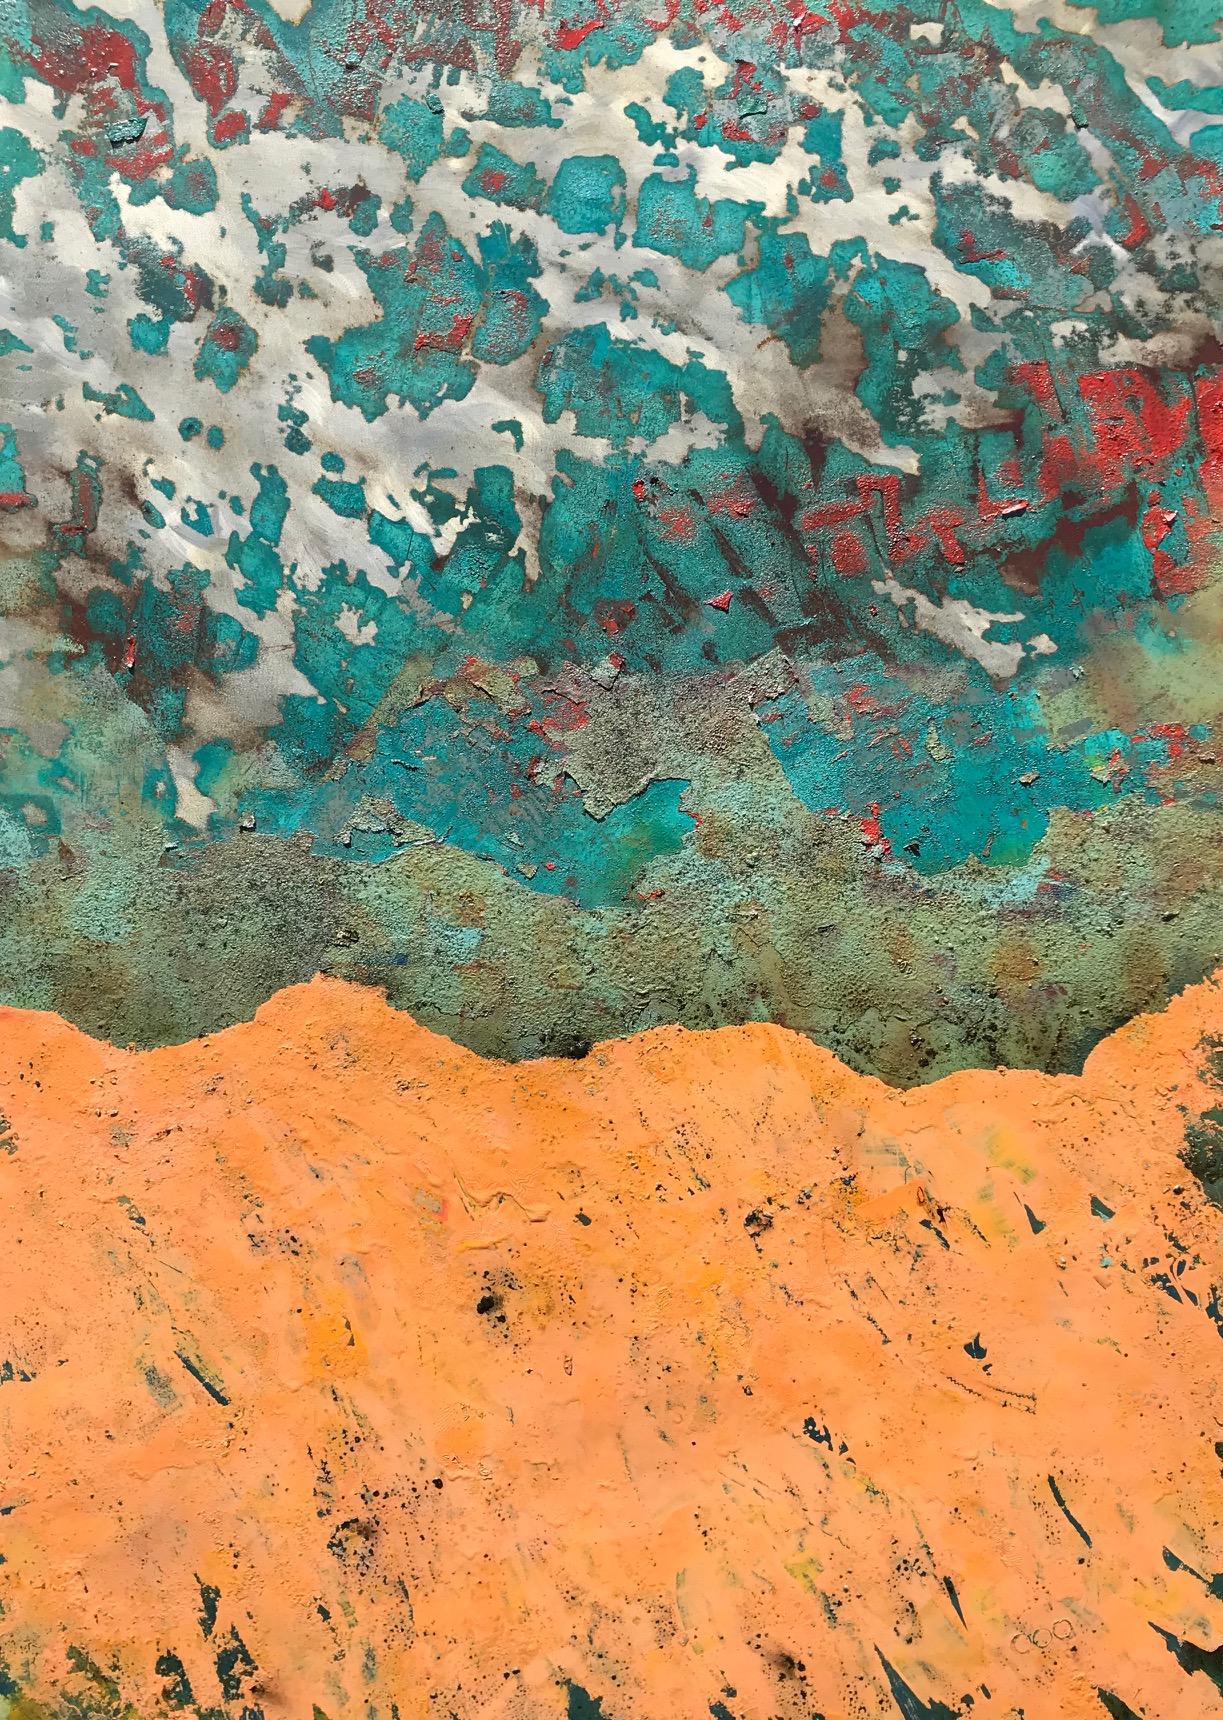 175x125cm Paintings